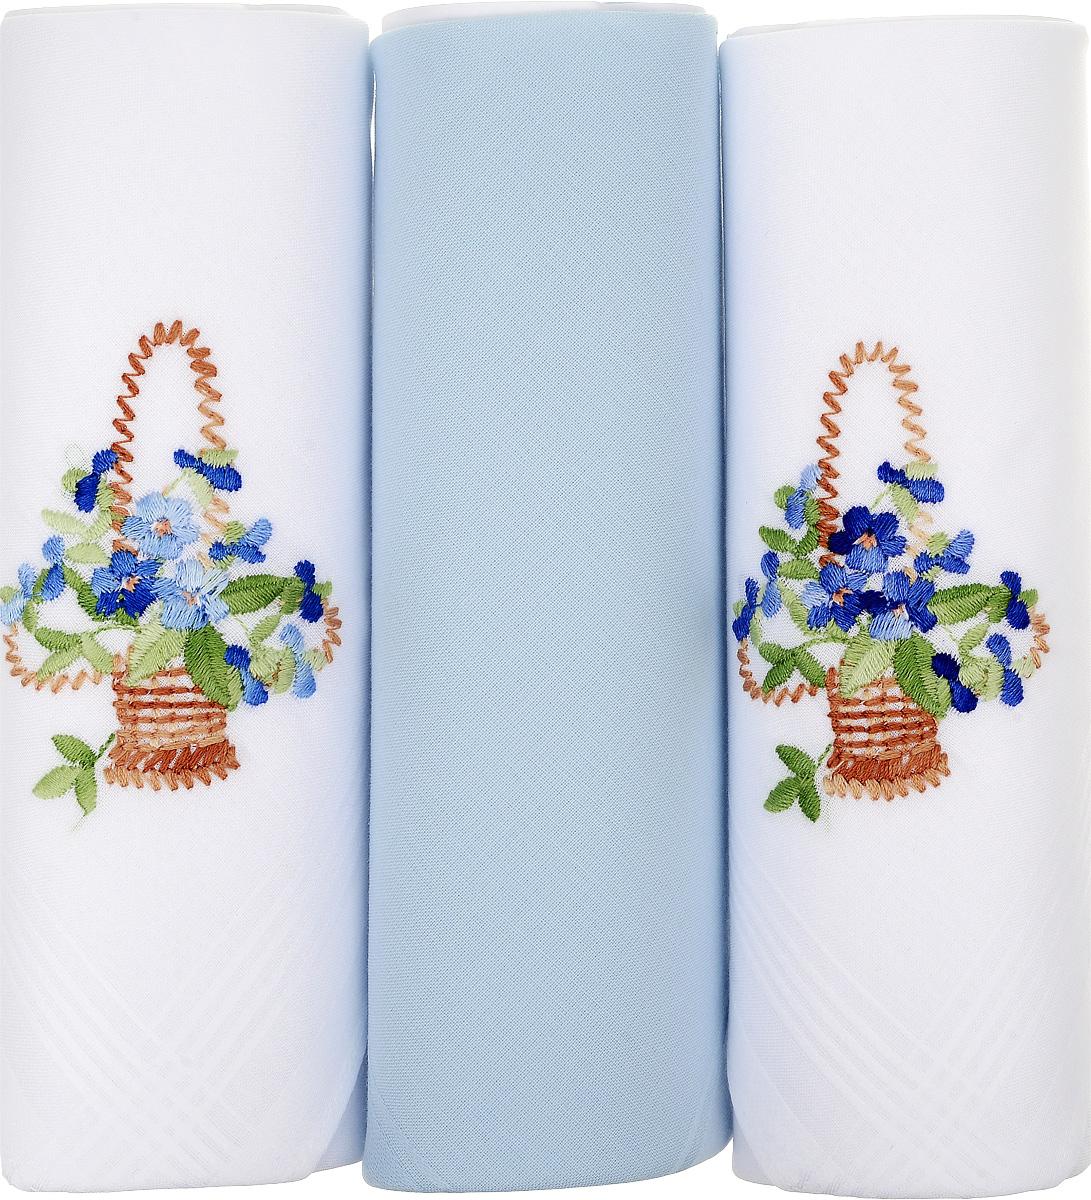 Платок носовой женский Zlata Korunka, цвет: белый, голубой, 3 шт. 25605-4. Размер 30 см х 30 смСерьги с подвескамиНебольшой женский носовой платок Zlata Korunka изготовлен из высококачественного натурального хлопка, благодаря чему приятен в использовании, хорошо стирается, не садится и отлично впитывает влагу. Практичный и изящный носовой платок будет незаменим в повседневной жизни любого современного человека. Такой платок послужит стильным аксессуаром и подчеркнет ваше превосходное чувство вкуса.В комплекте 3 платка.